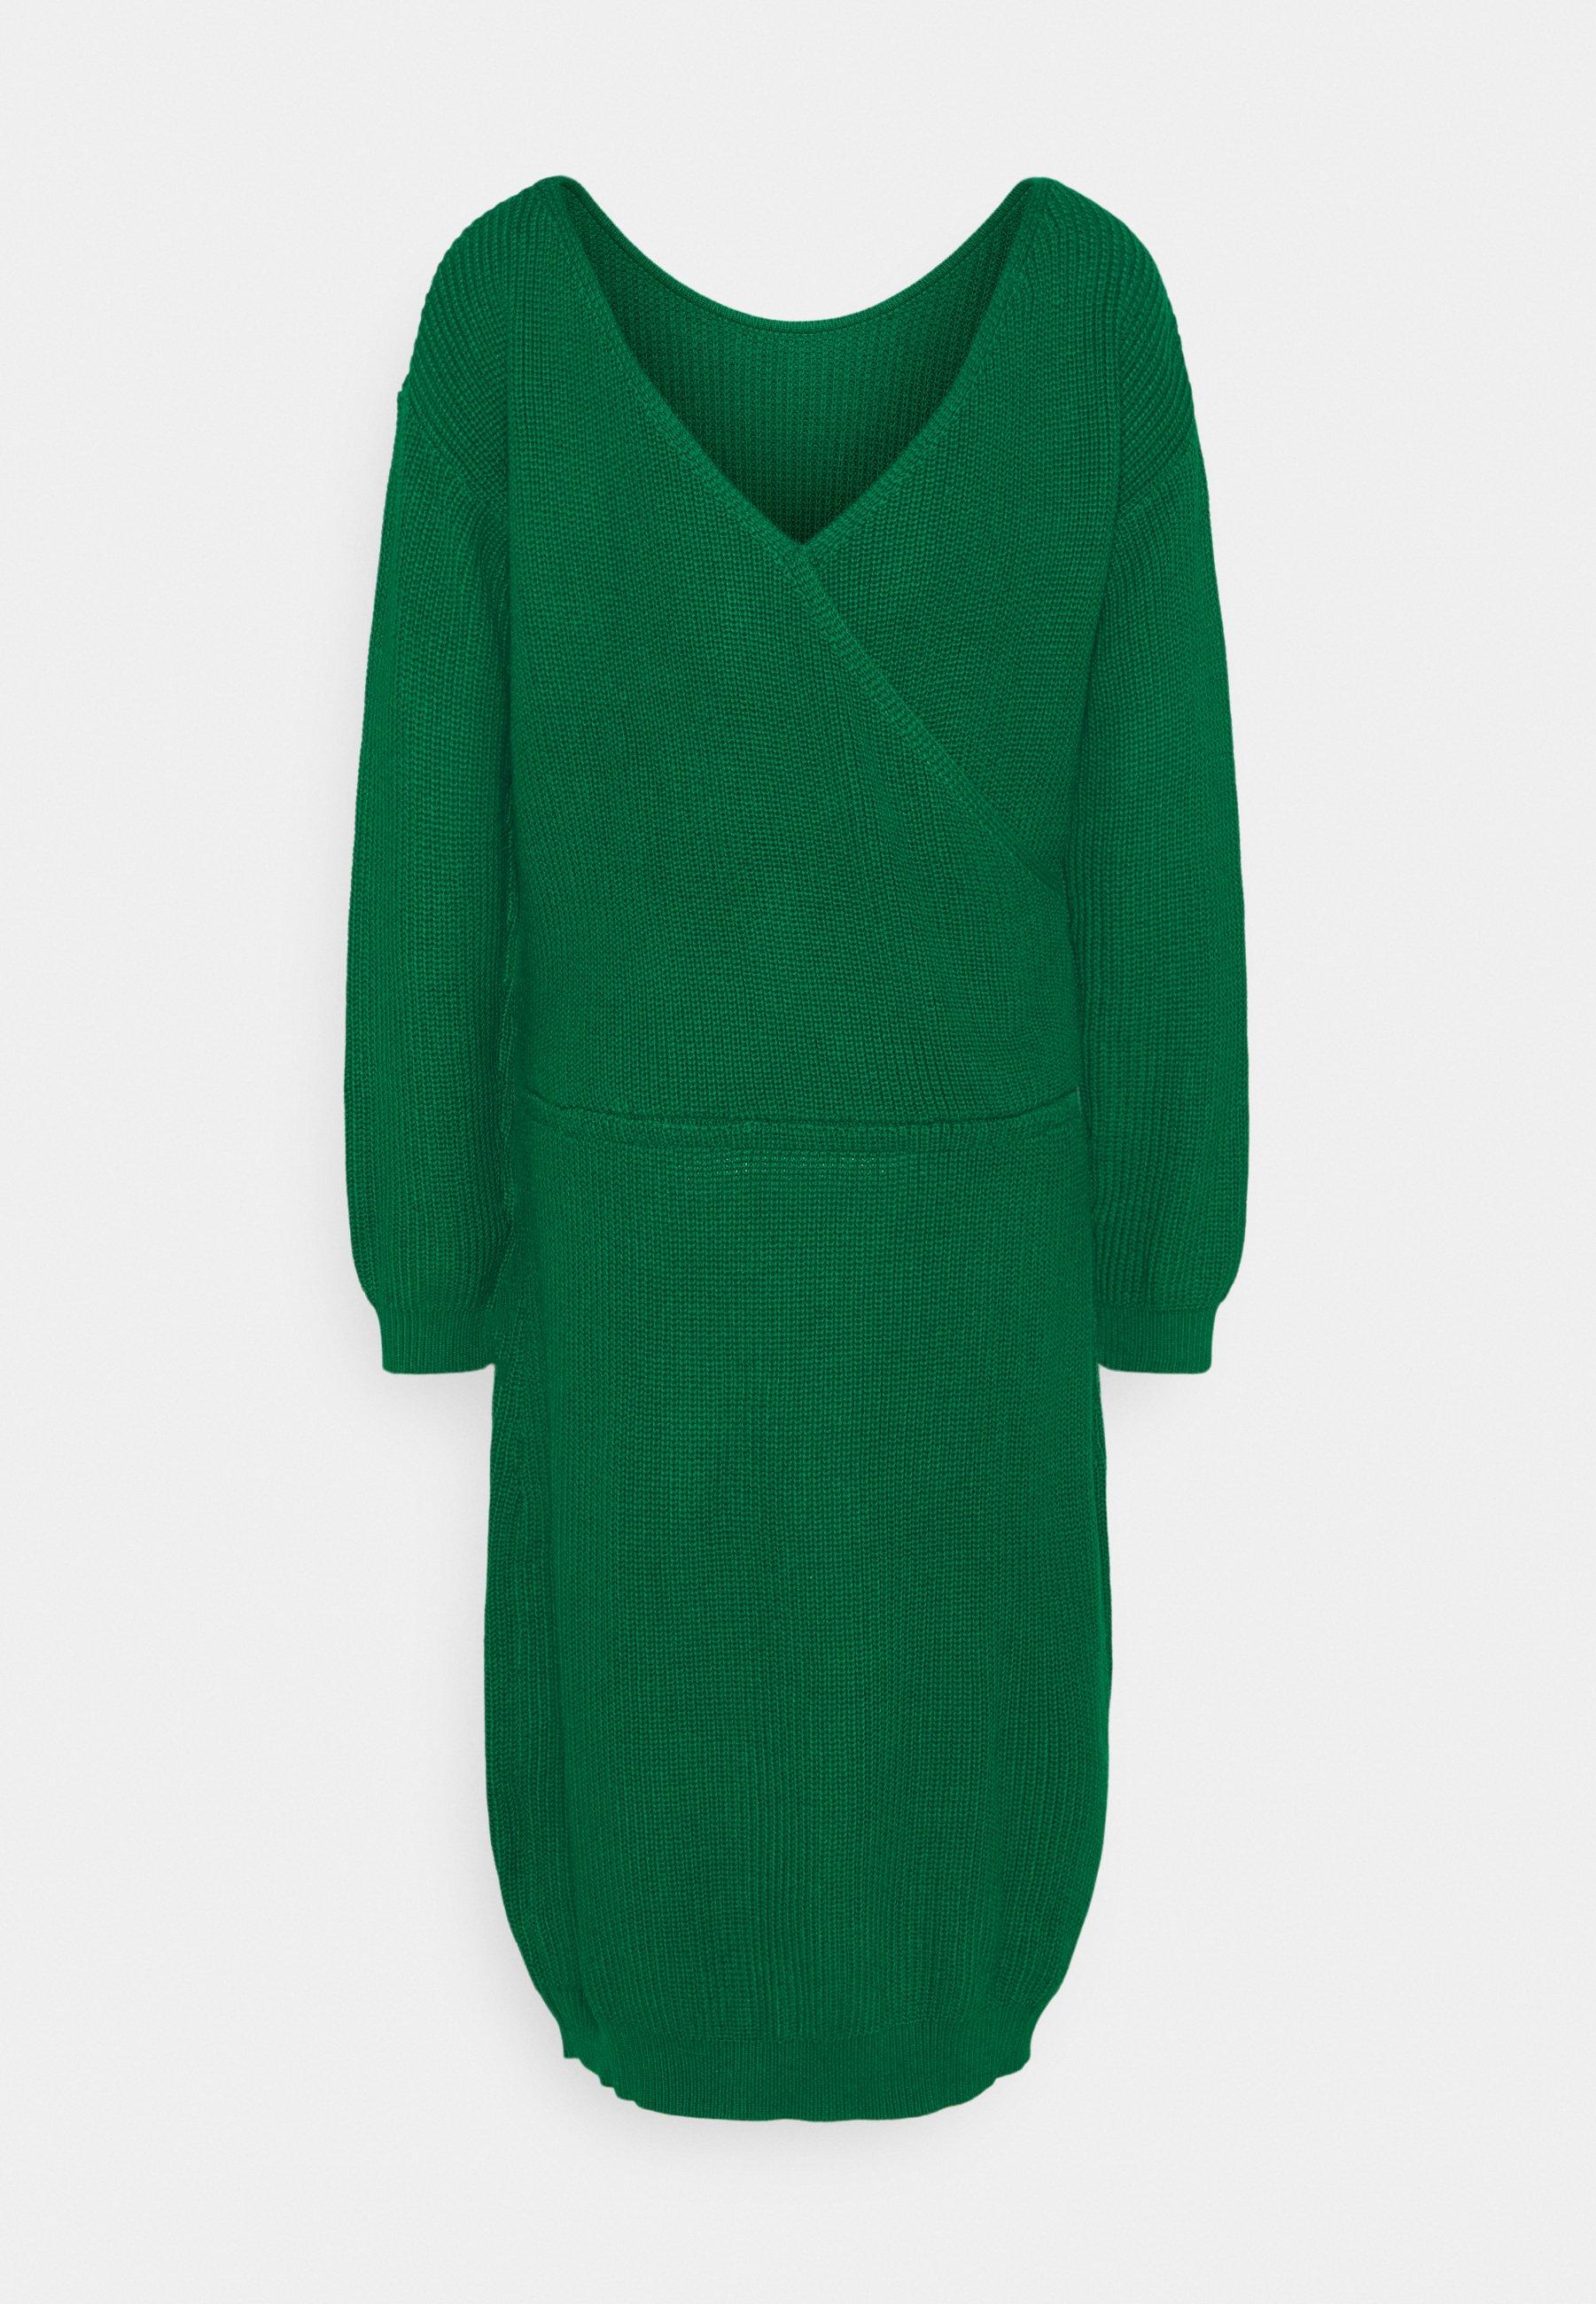 Gröna Klänningar online | Köp din klänning på Zalando.se